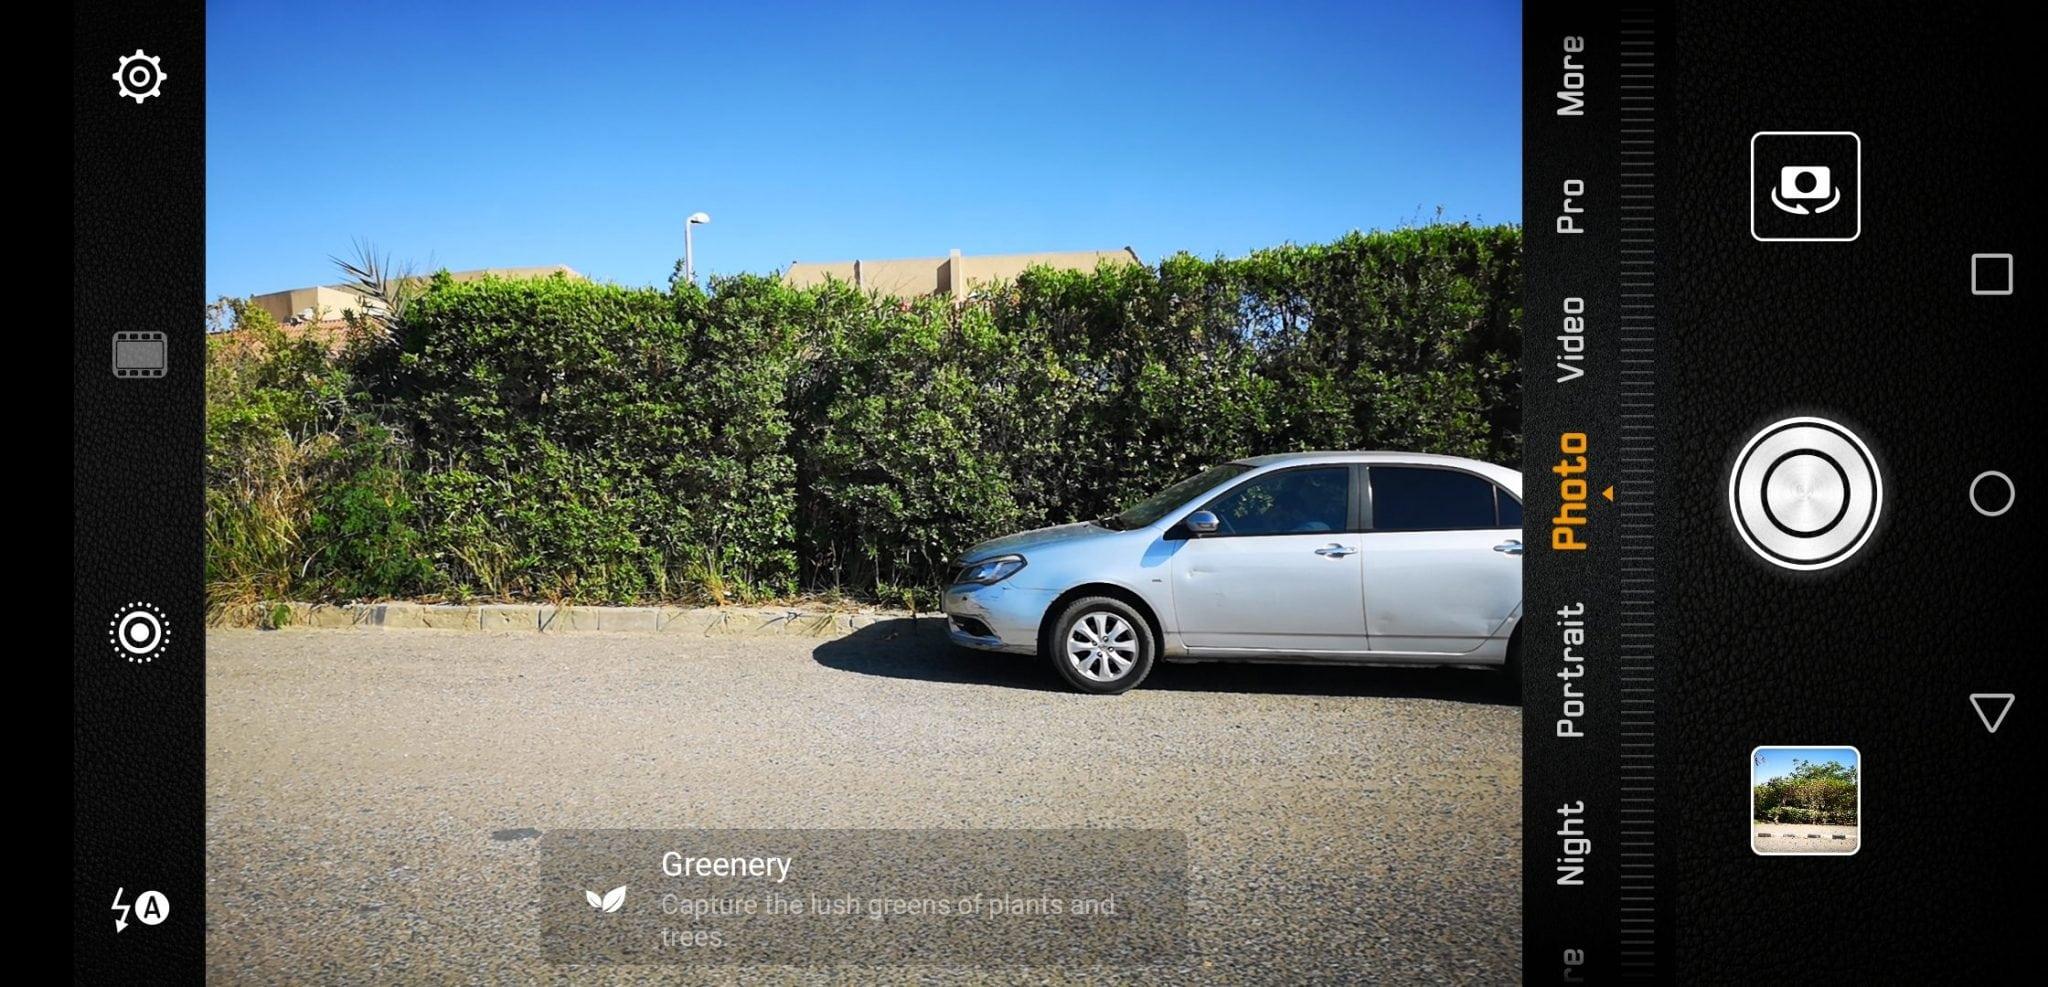 P20 Pro Camera - Scene auto detection (1)